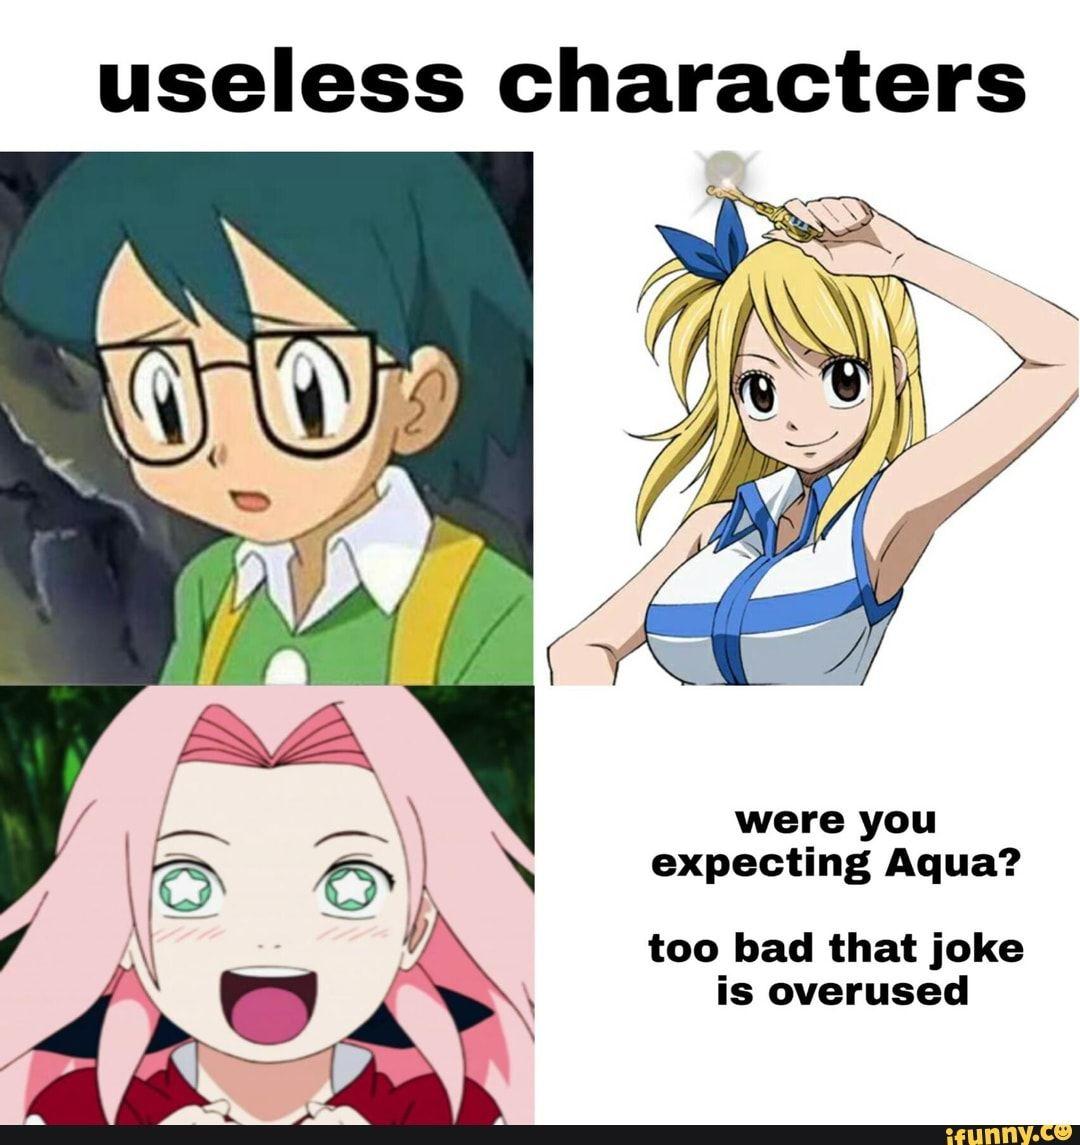 Useless characters expecting Aqua? is overused iFunny